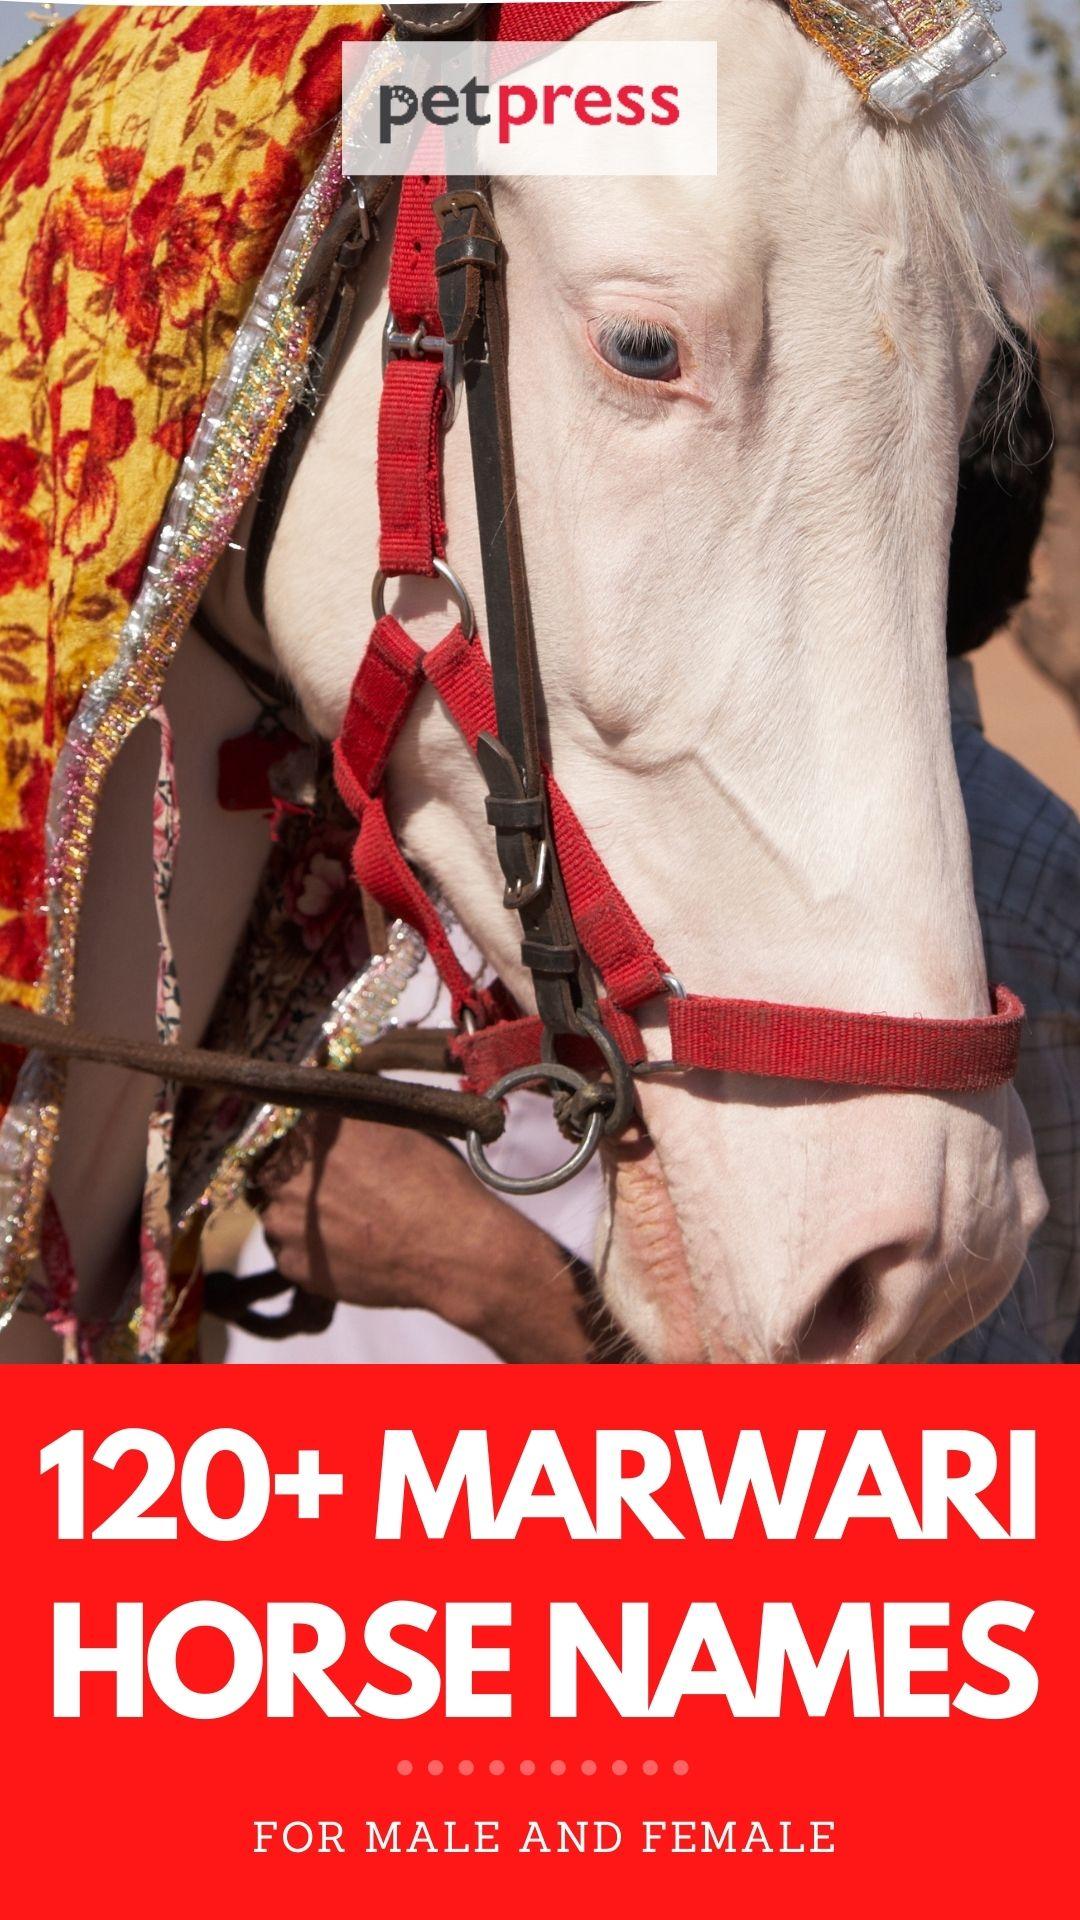 120+ marwari horse names